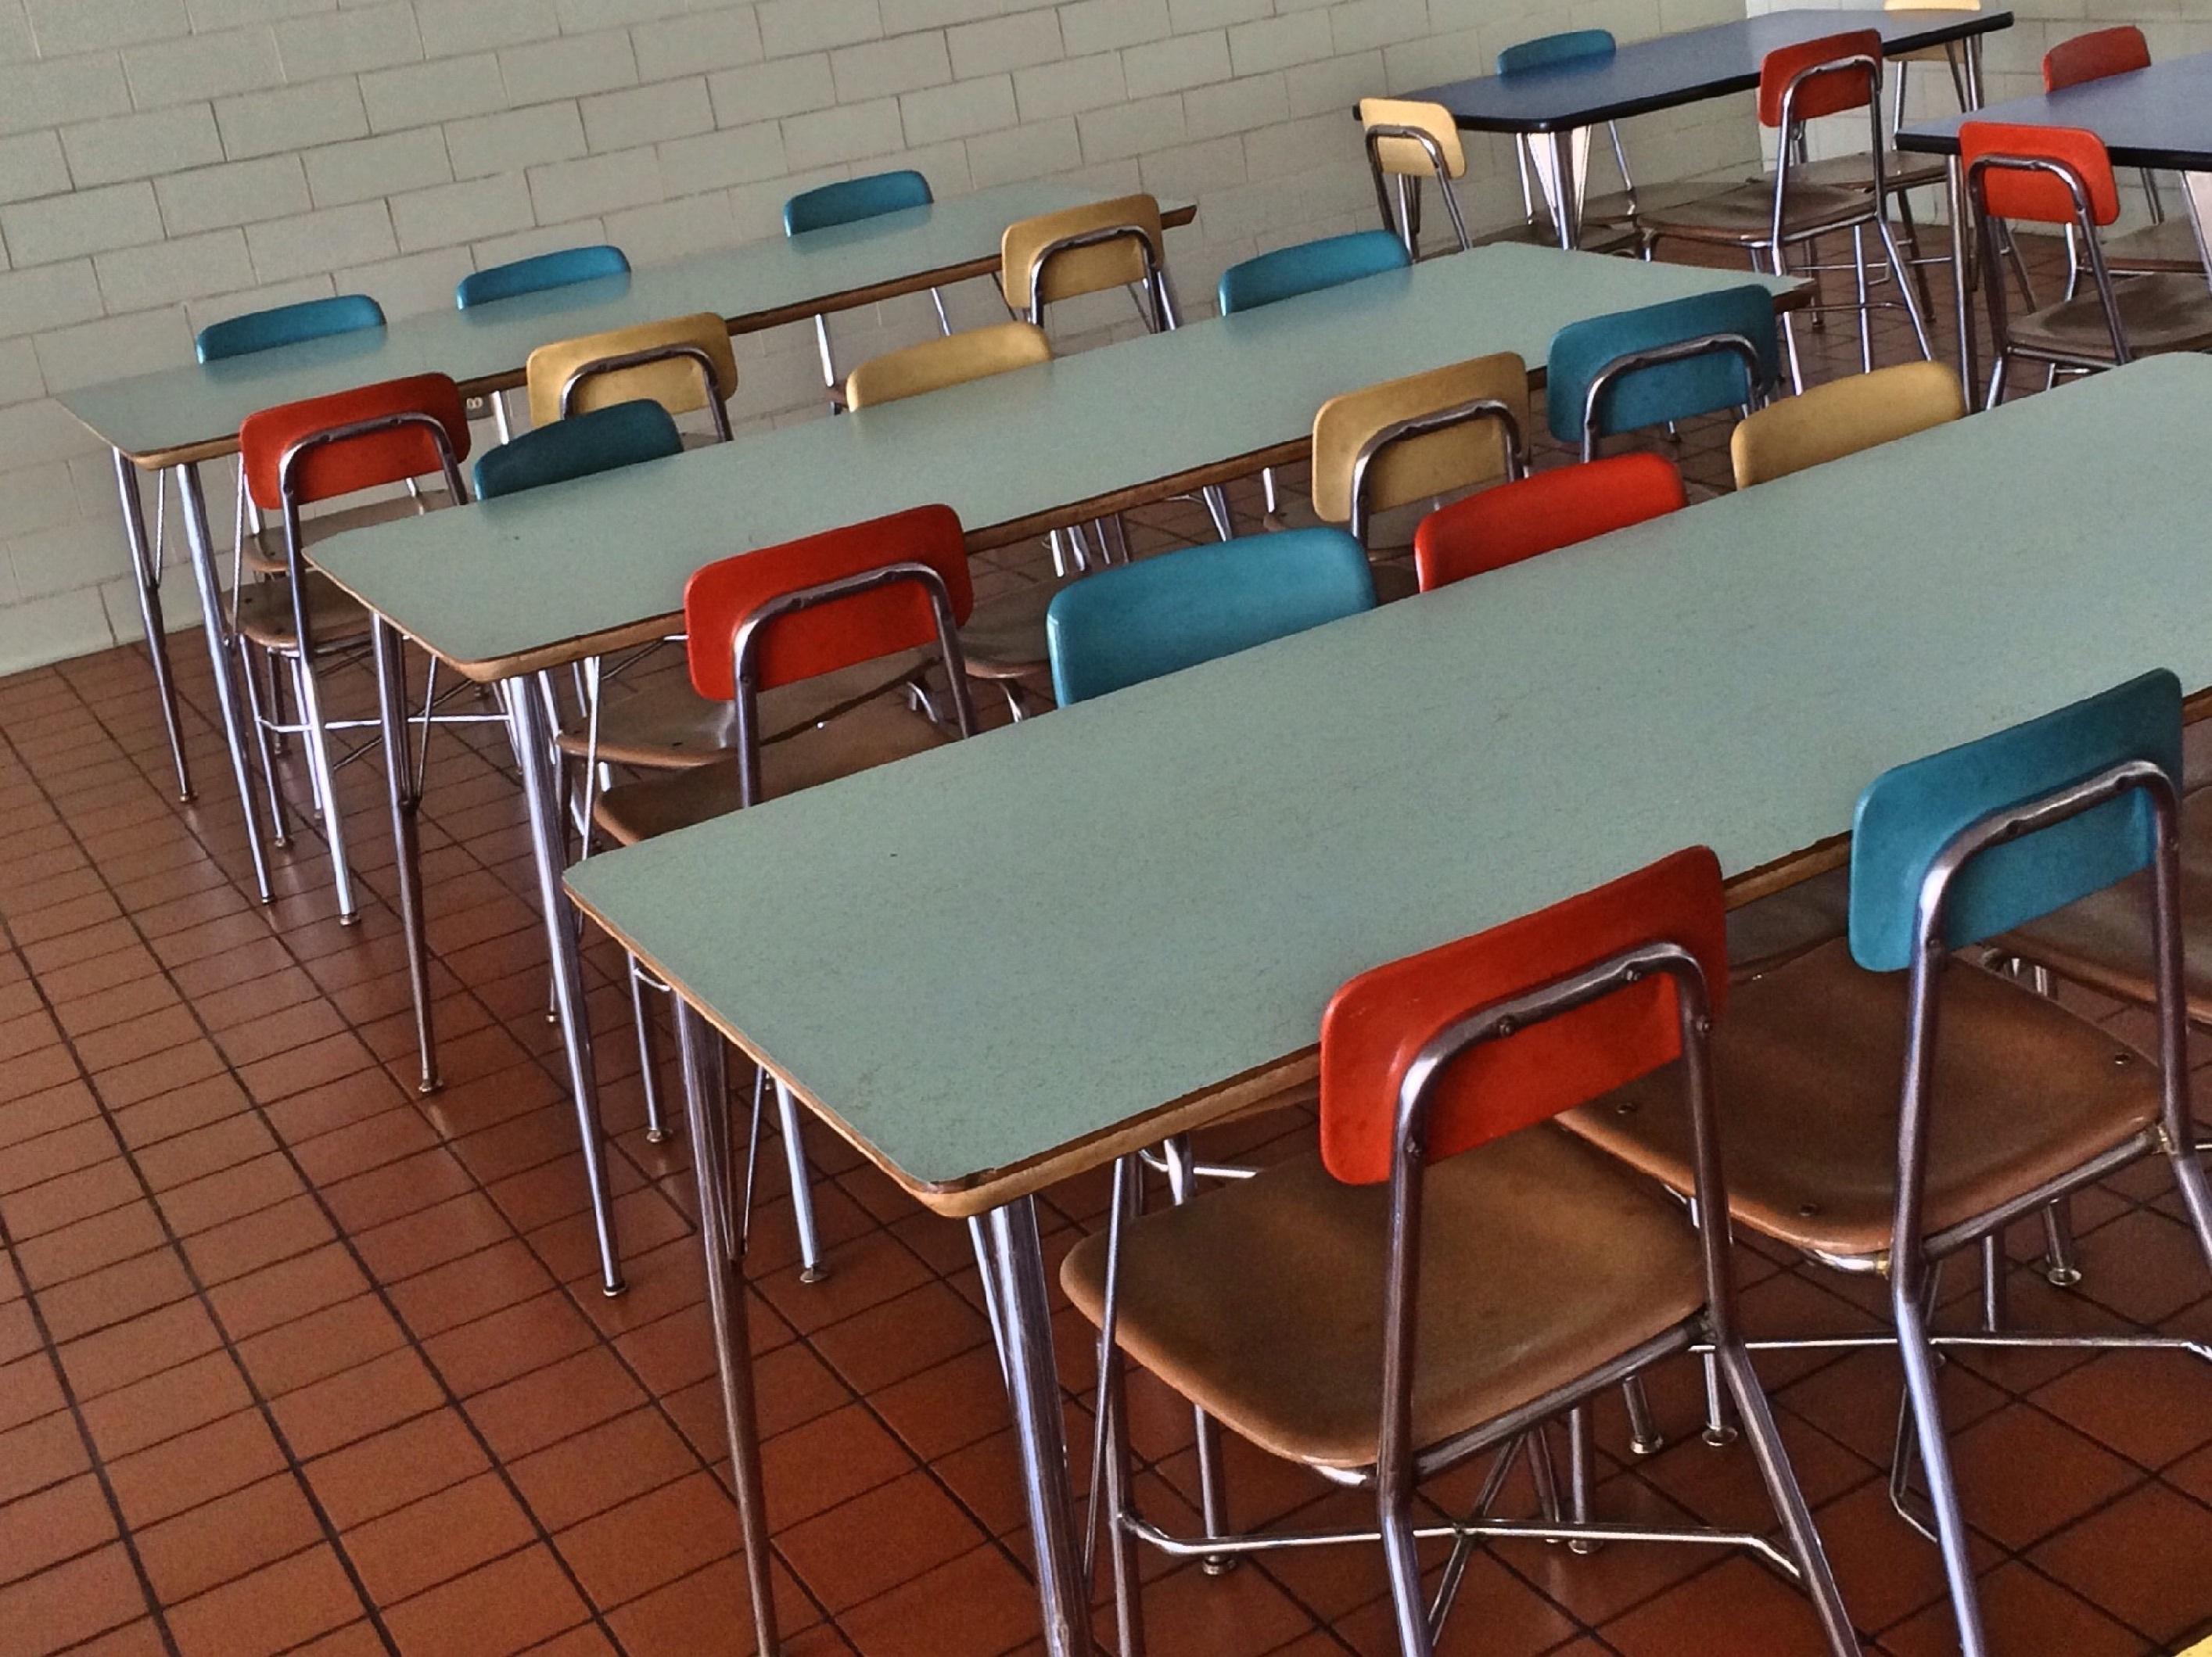 Academia albanta monitor de comedor escolar for Monitor de comedor escolar